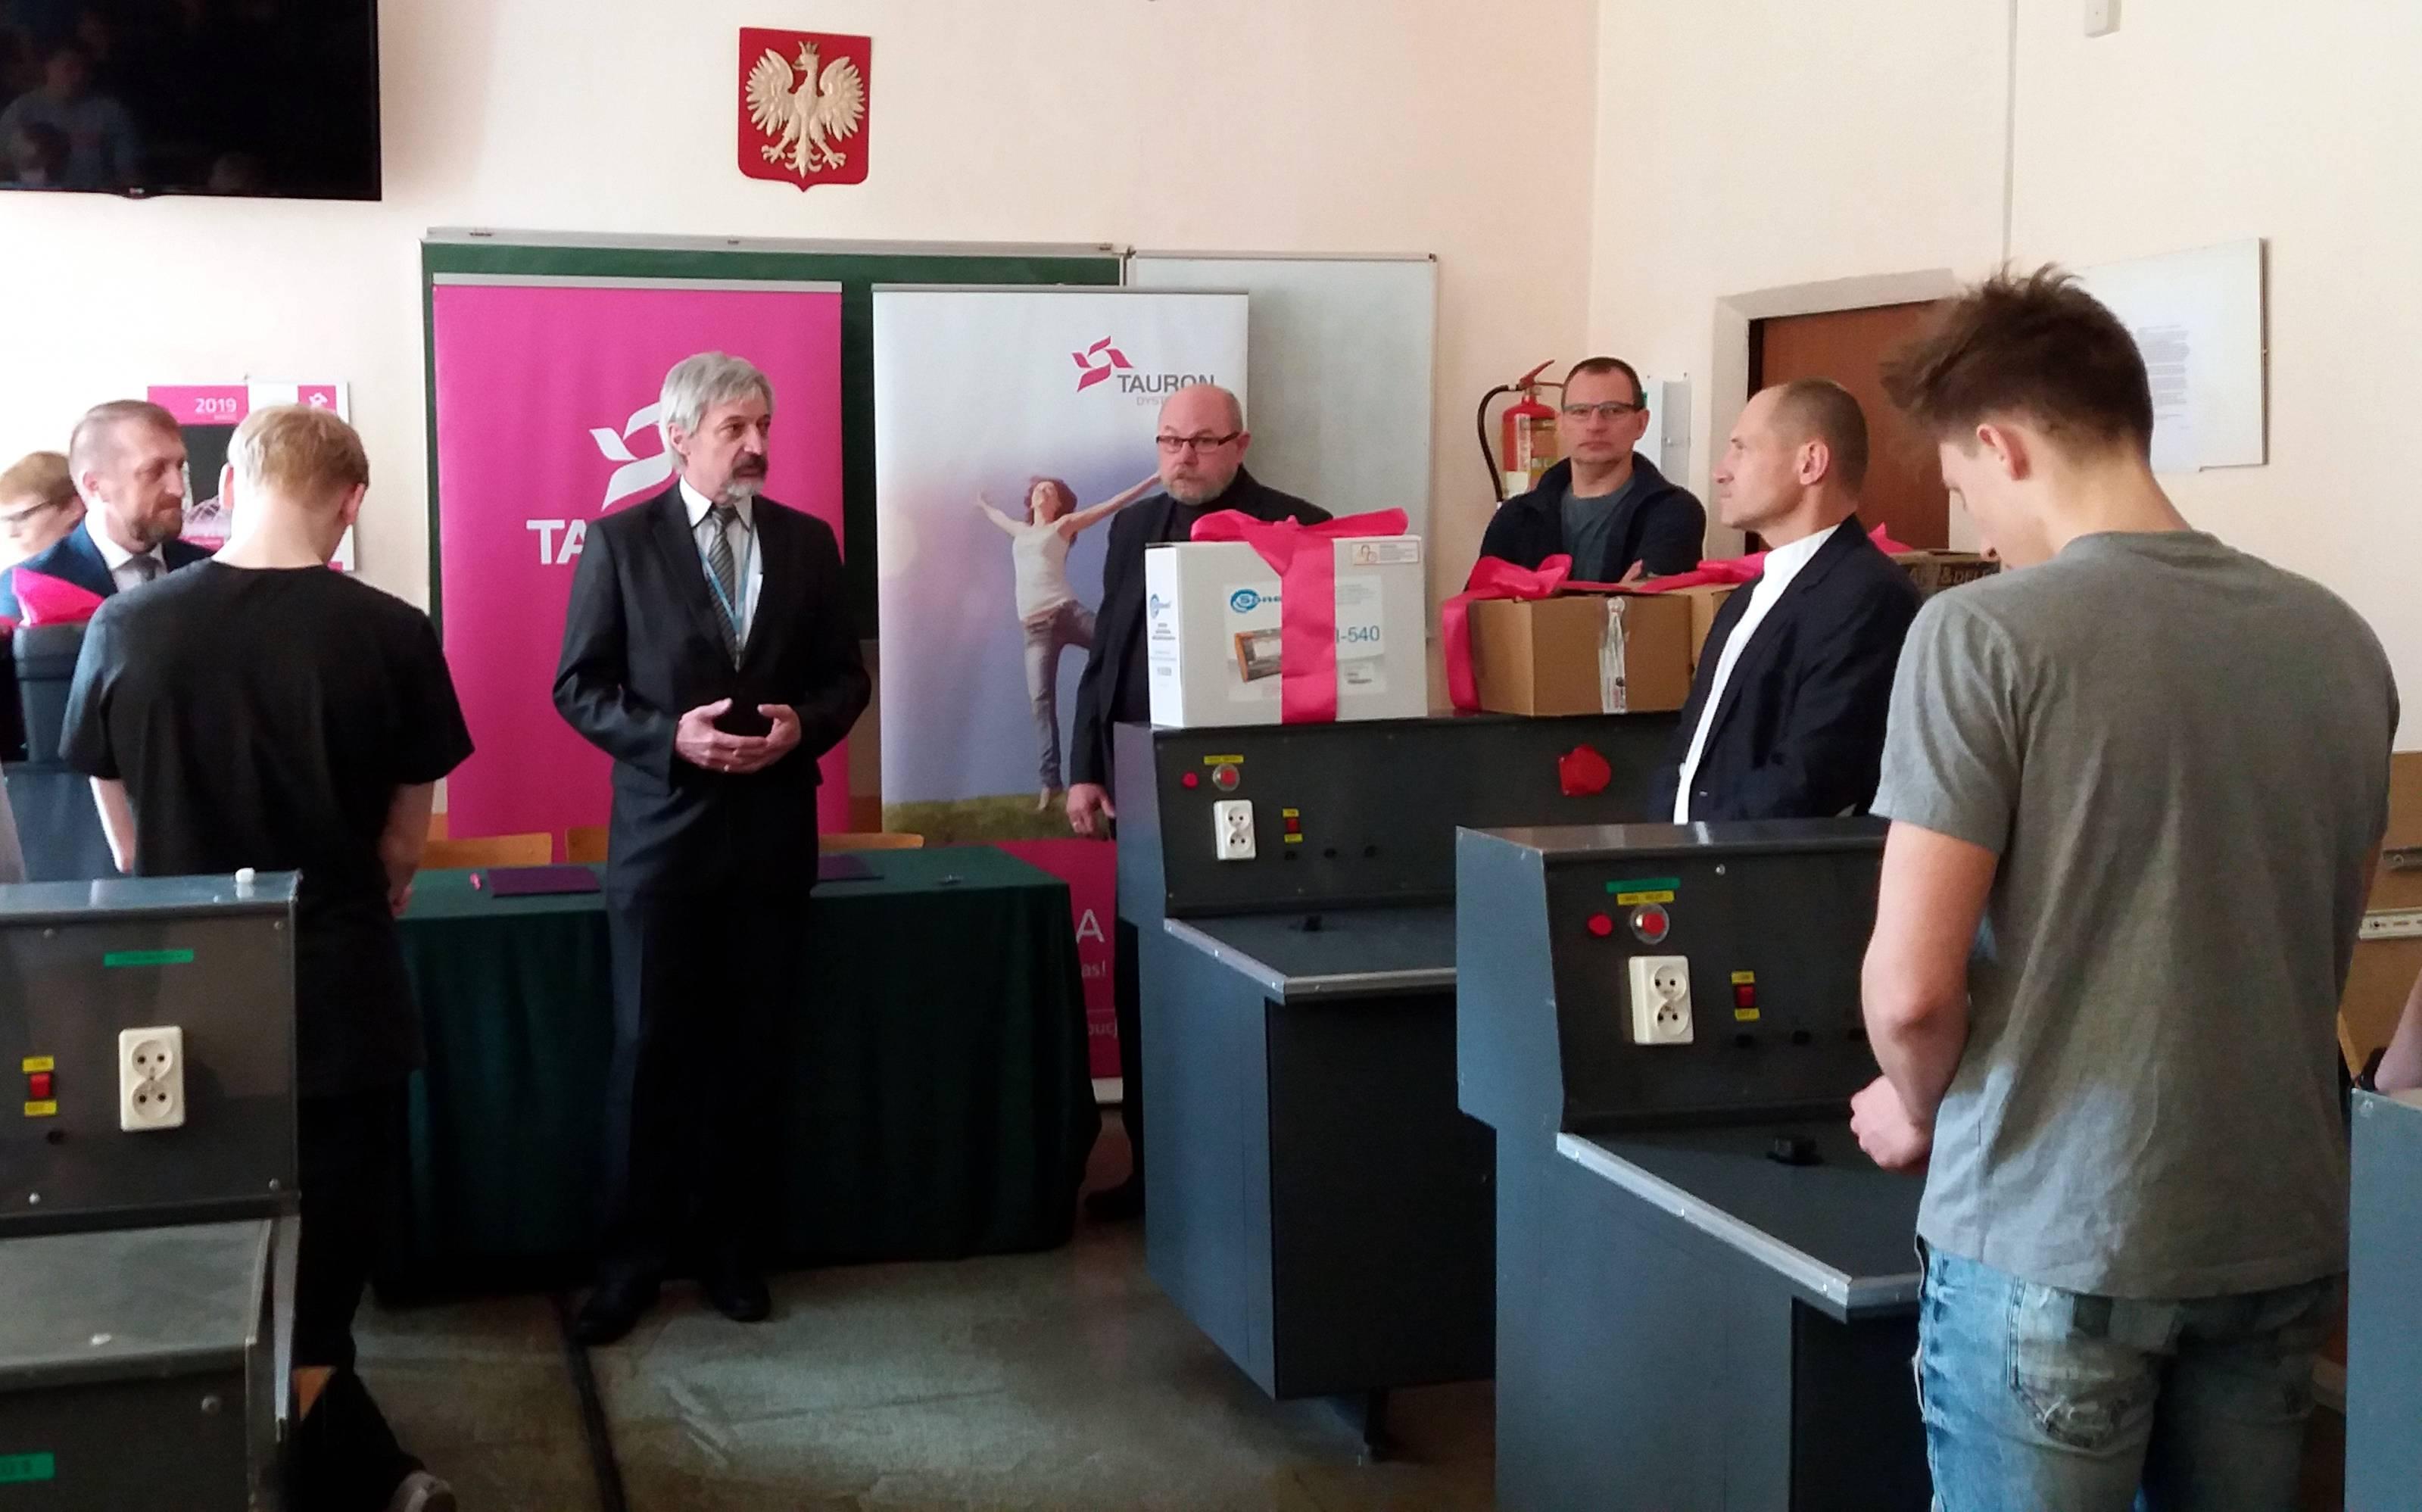 Nowy sprzęt oddany przez Tauron do dyspozycji uczniów w Gliwicach. (fot. Tauron Dystrybucja/materiały prasowe)